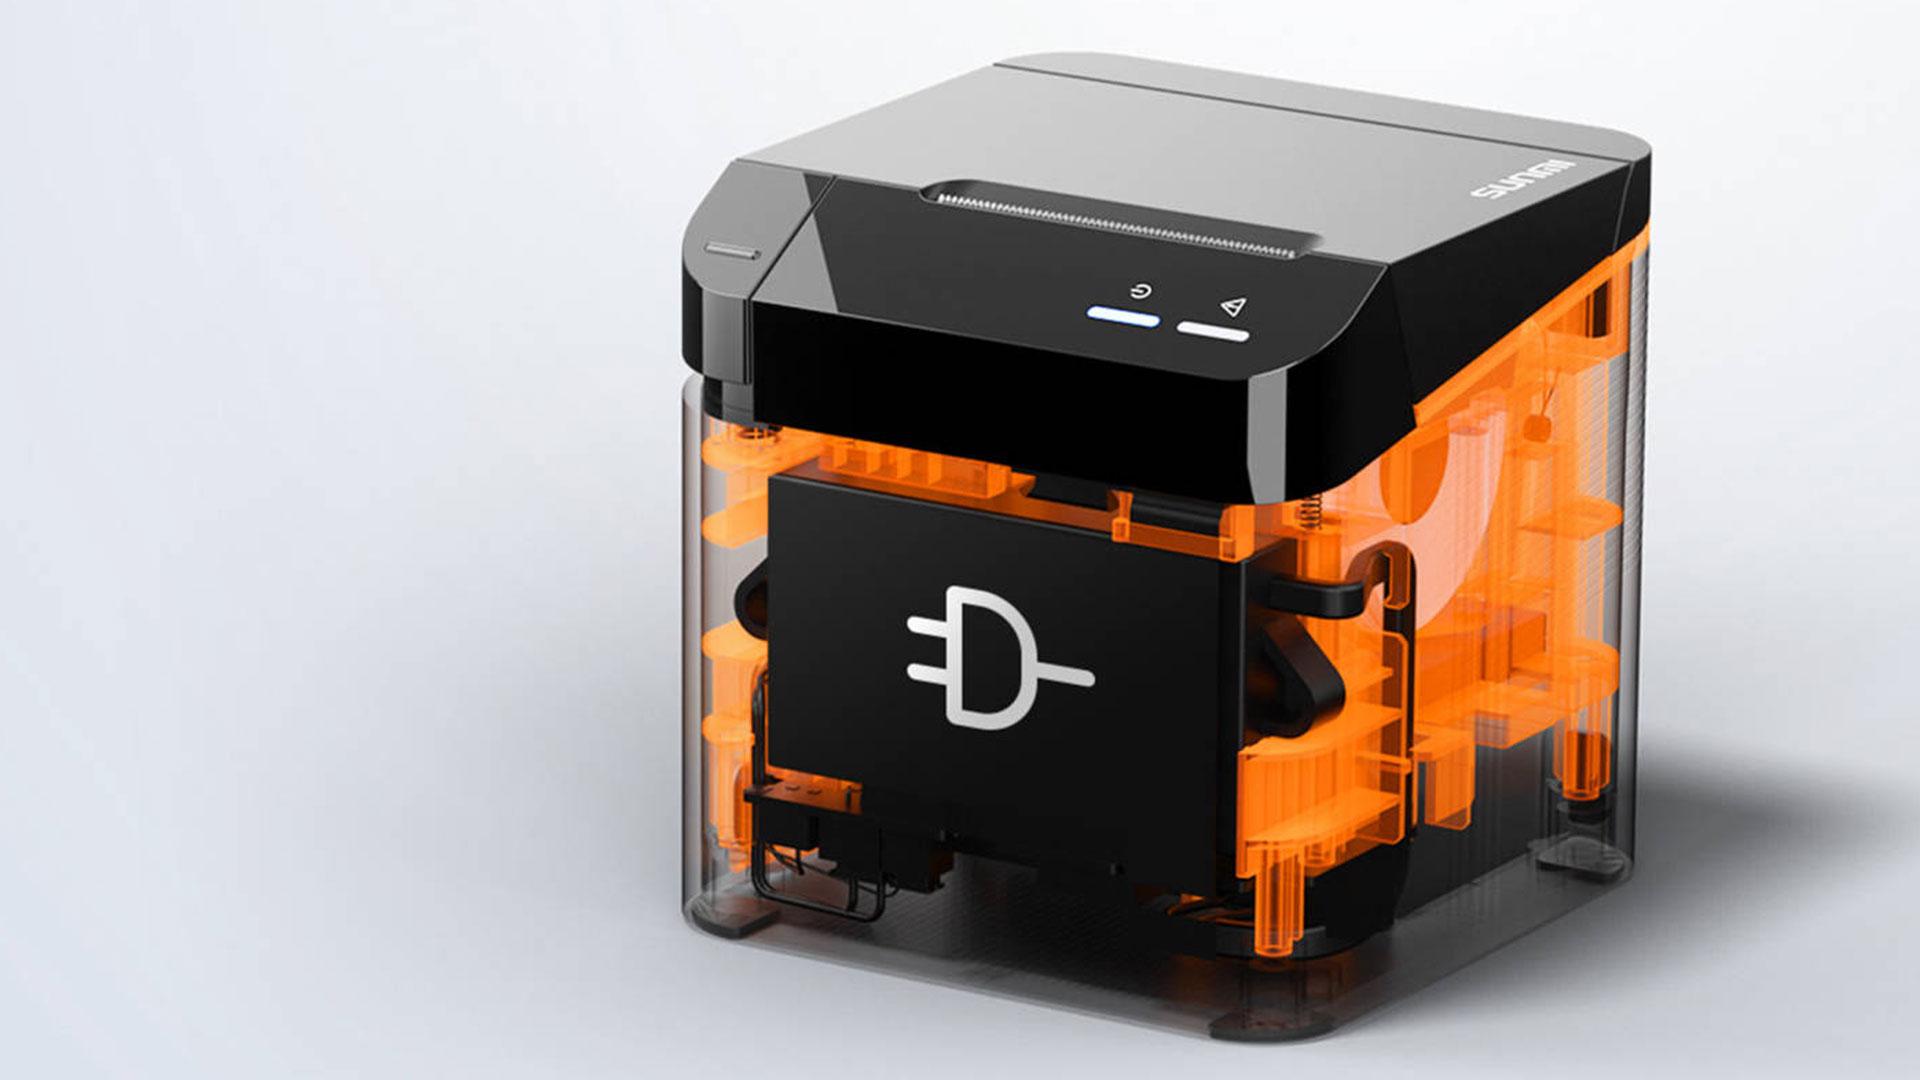 เครื่องพิมพ์ใบเสร็จ เครื่องพิมพ์ pos เครื่องปริ้นใบเสร็จ เครื่องปริ้นสลิป 58mm 2 นิ้ว เครื่องปริ้นบิล เครื่องพิมพ์ใบเสร็จ lazada เครื่องพิมพ์ใบเสร็จไร้สาย เครื่องพิมพ์ใบเสร็จไวไฟ เครื่องพิมพ์ใบเสร็จบลูทูช WiFi Sunmi Printer ระบบความร้อนไม่ใช้หมึก รองรับ Android Loyverse POS SUNMI Thermal Receipt Cloud Printer Bluetooth WiFi USB